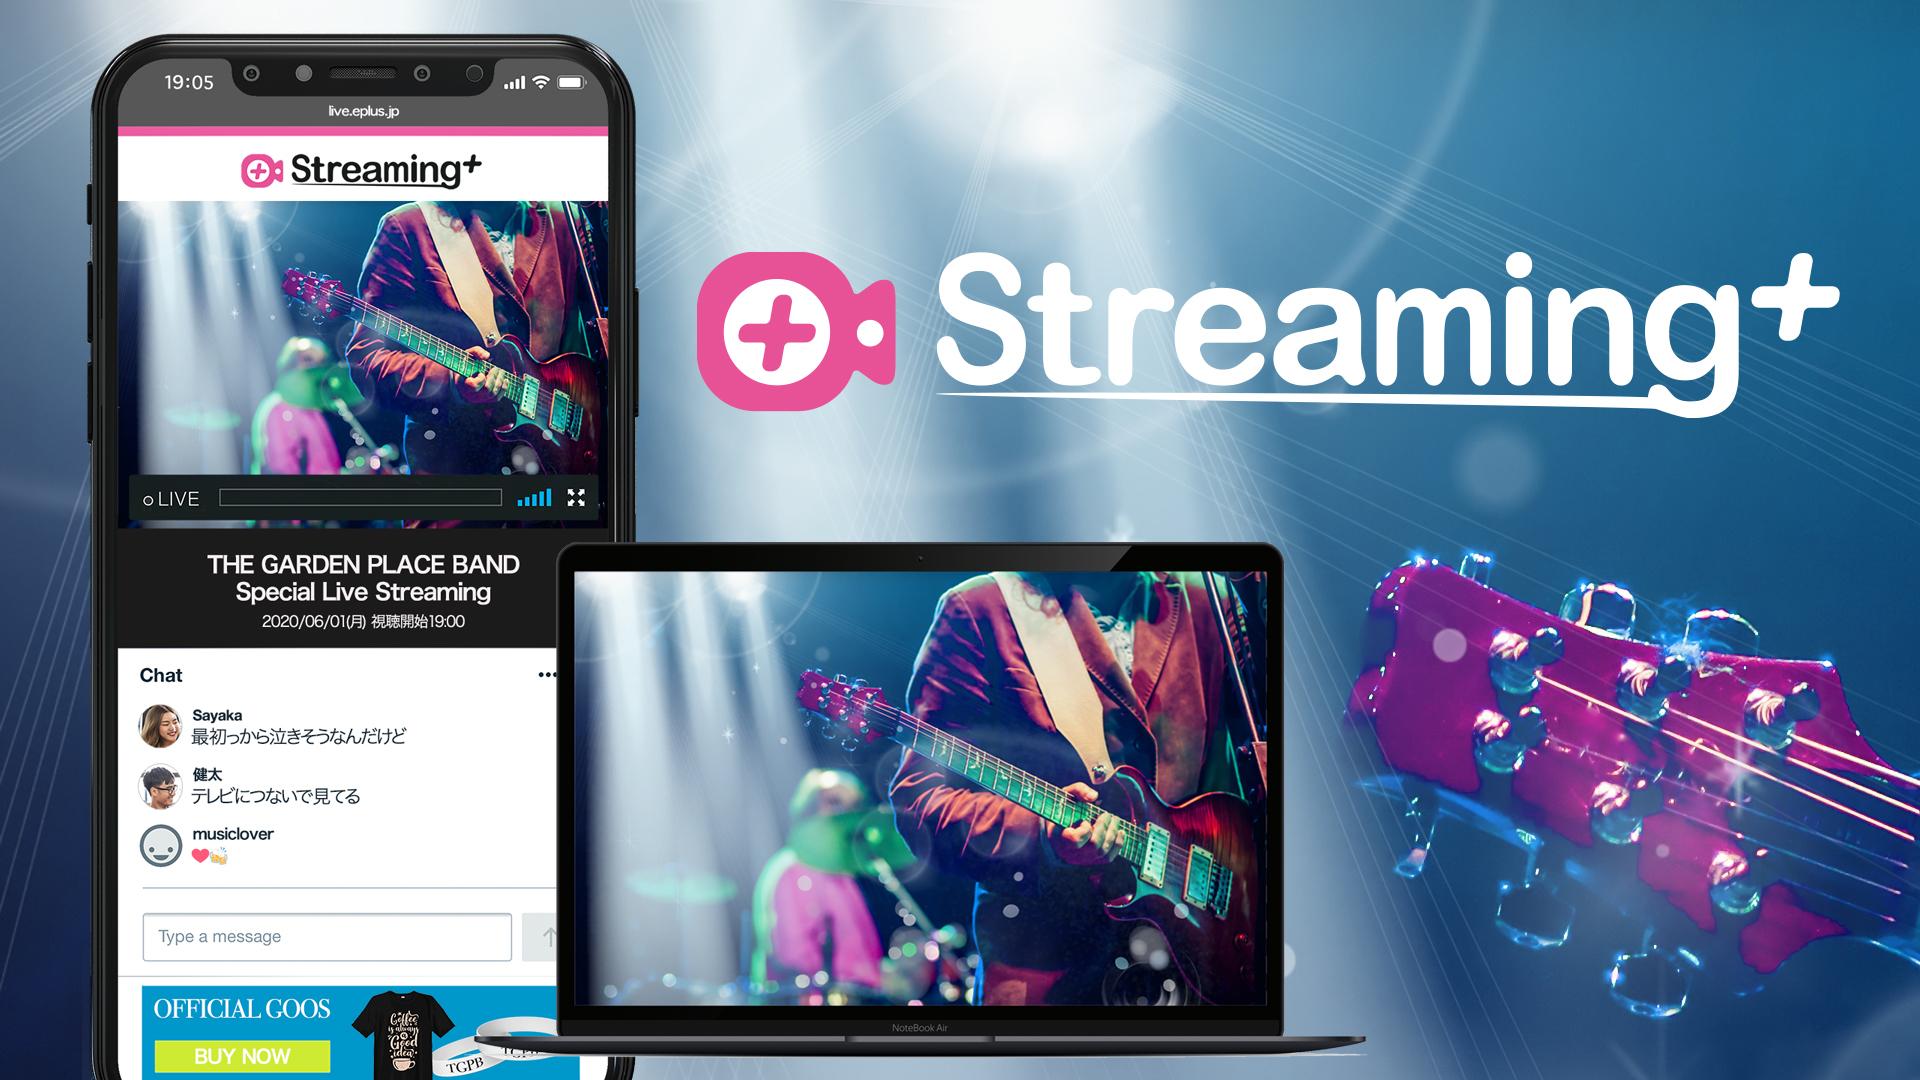 ライブ・ストリーミング・サービス「Streaming+」イメージ